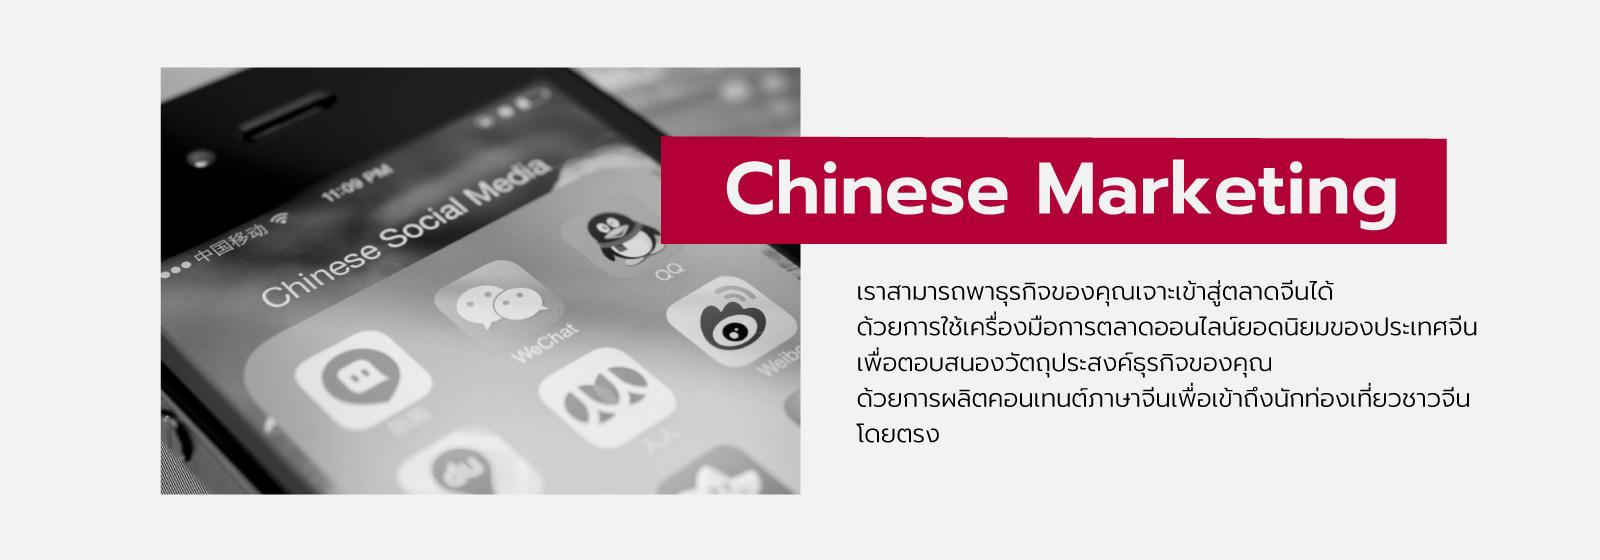 Chinese Marketing